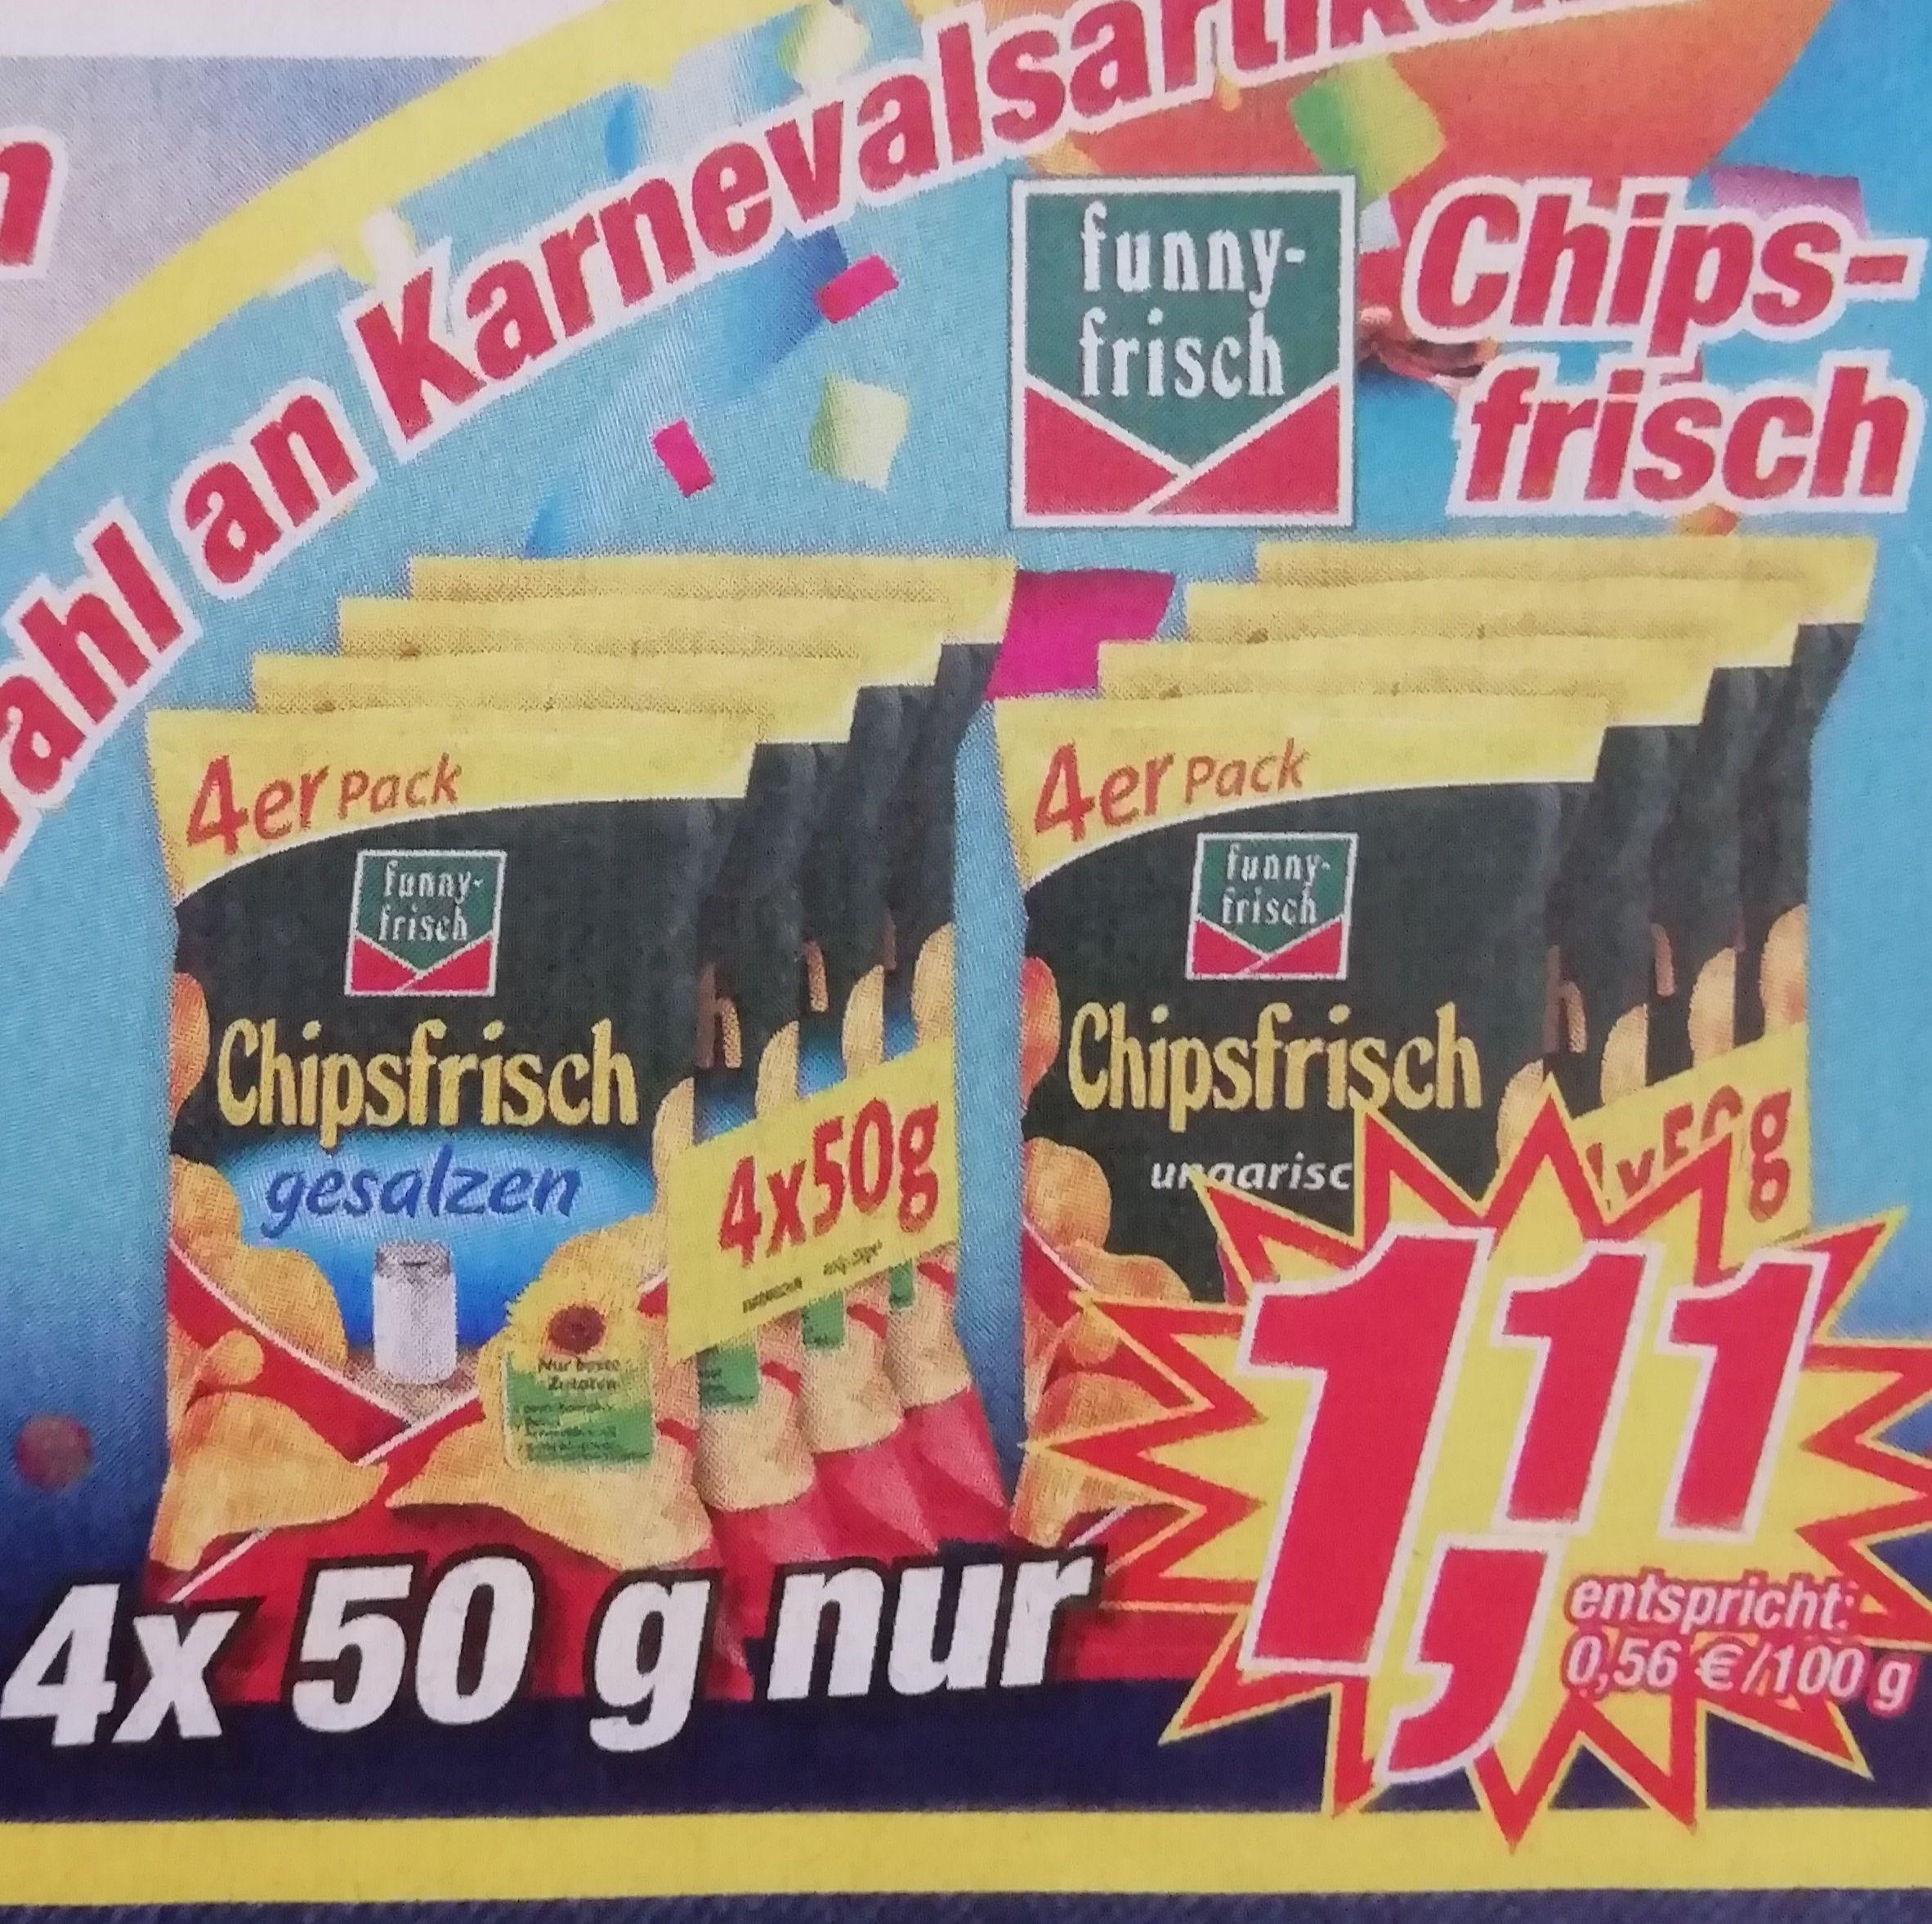 [Postenbörse] funny-frisch Chipsfrisch 4er Pack für 1,11€ (0,56€/100g)